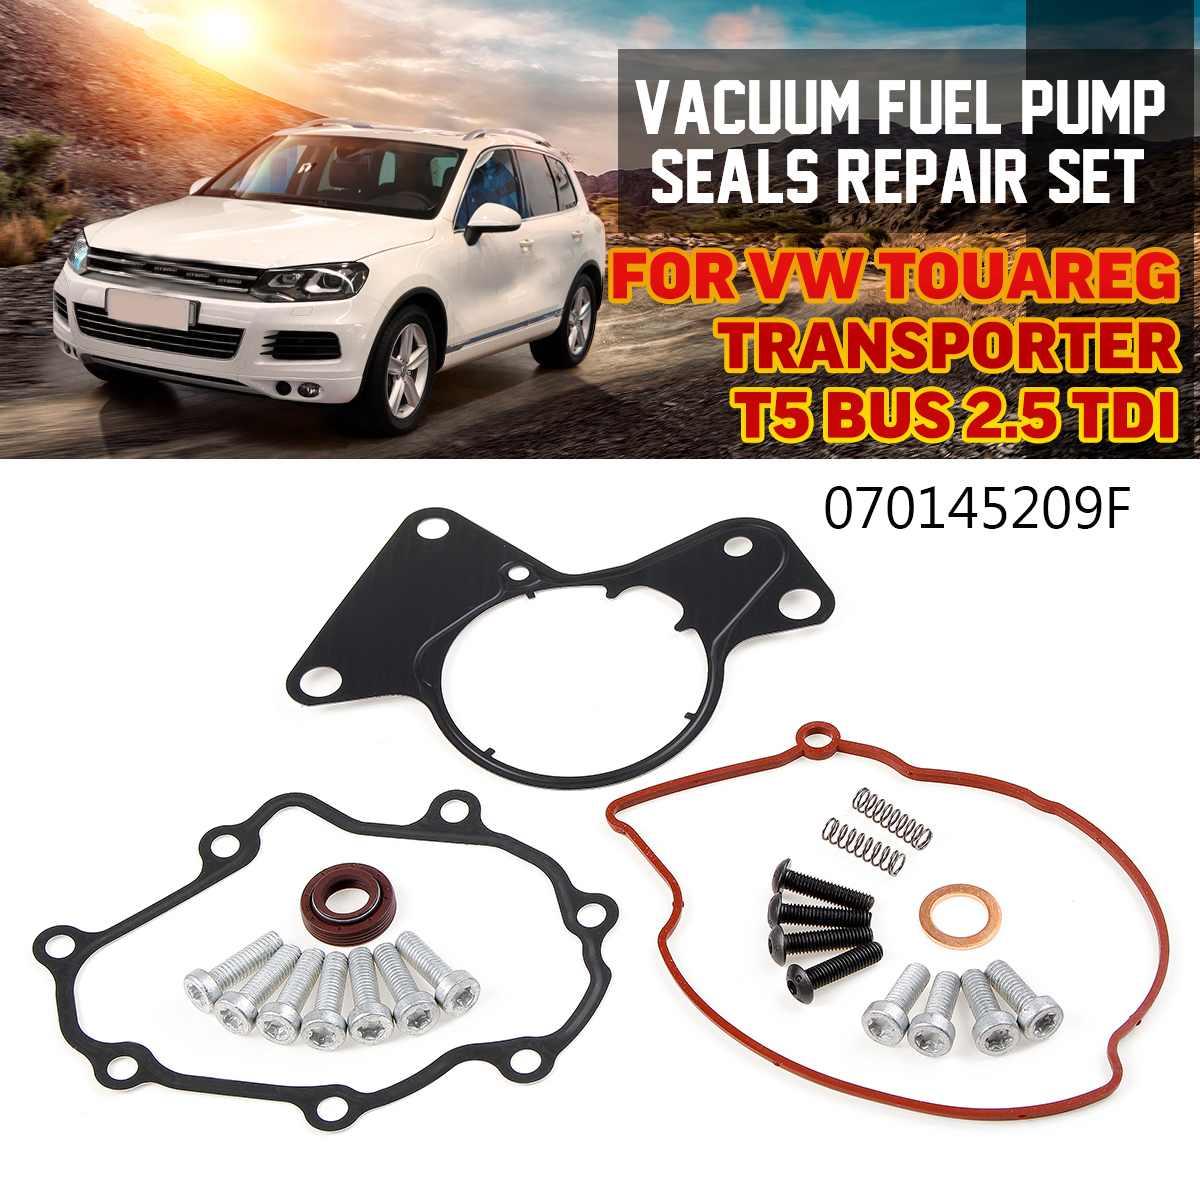 Pompe à carburant sous vide joints kit de réparation pour VW Touareg Transporter T5 Transporter 2.5 TDI 070145209F 070145209H 070145209J